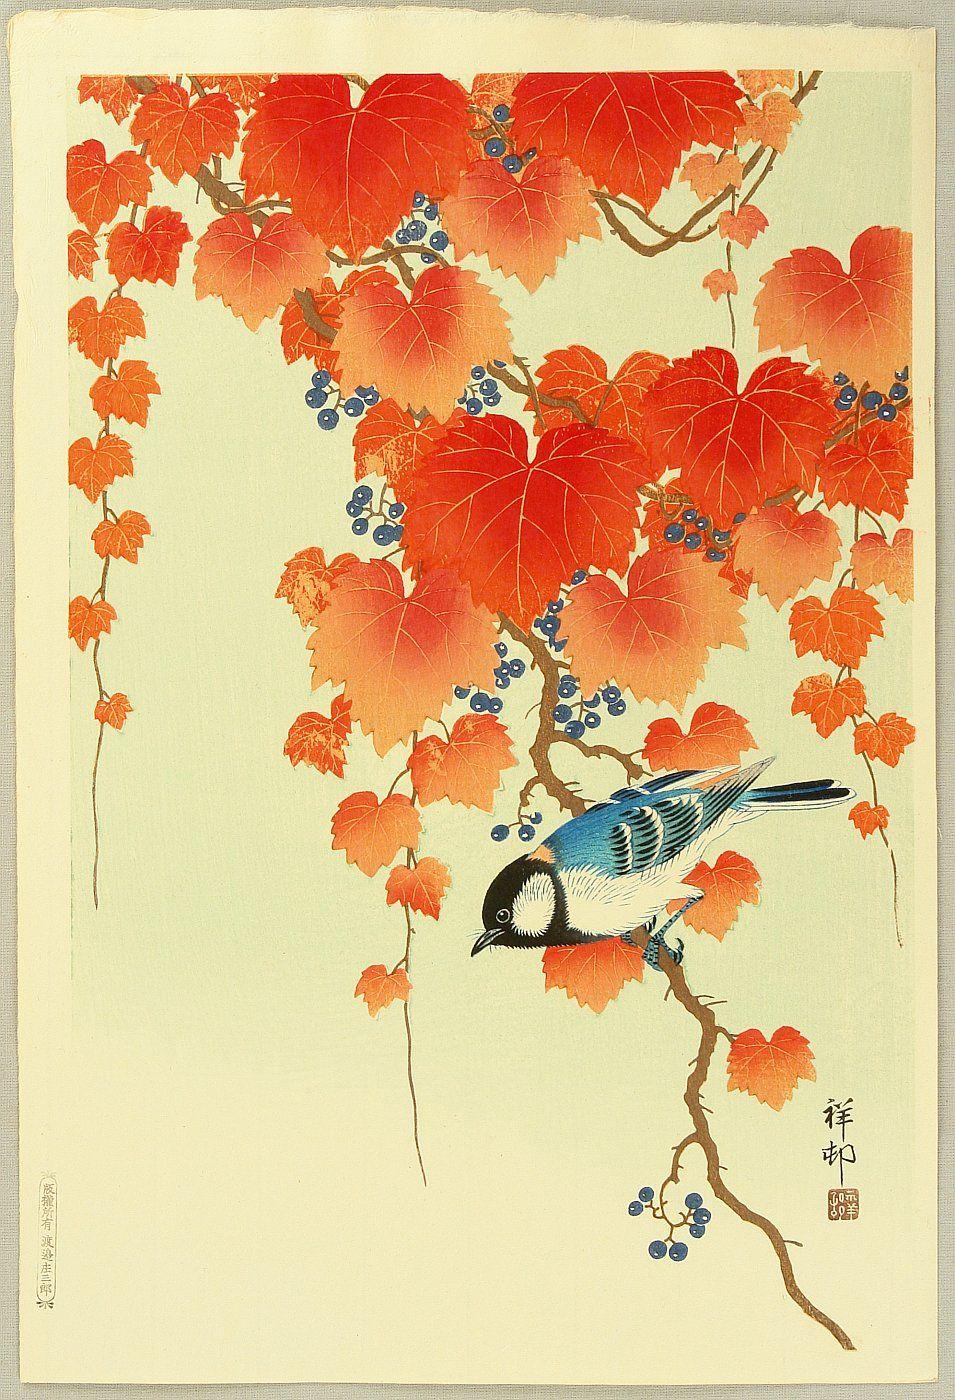 Japanese Lapwing Bird Ohara Shoson Koson Counted Cross Stitch Chart